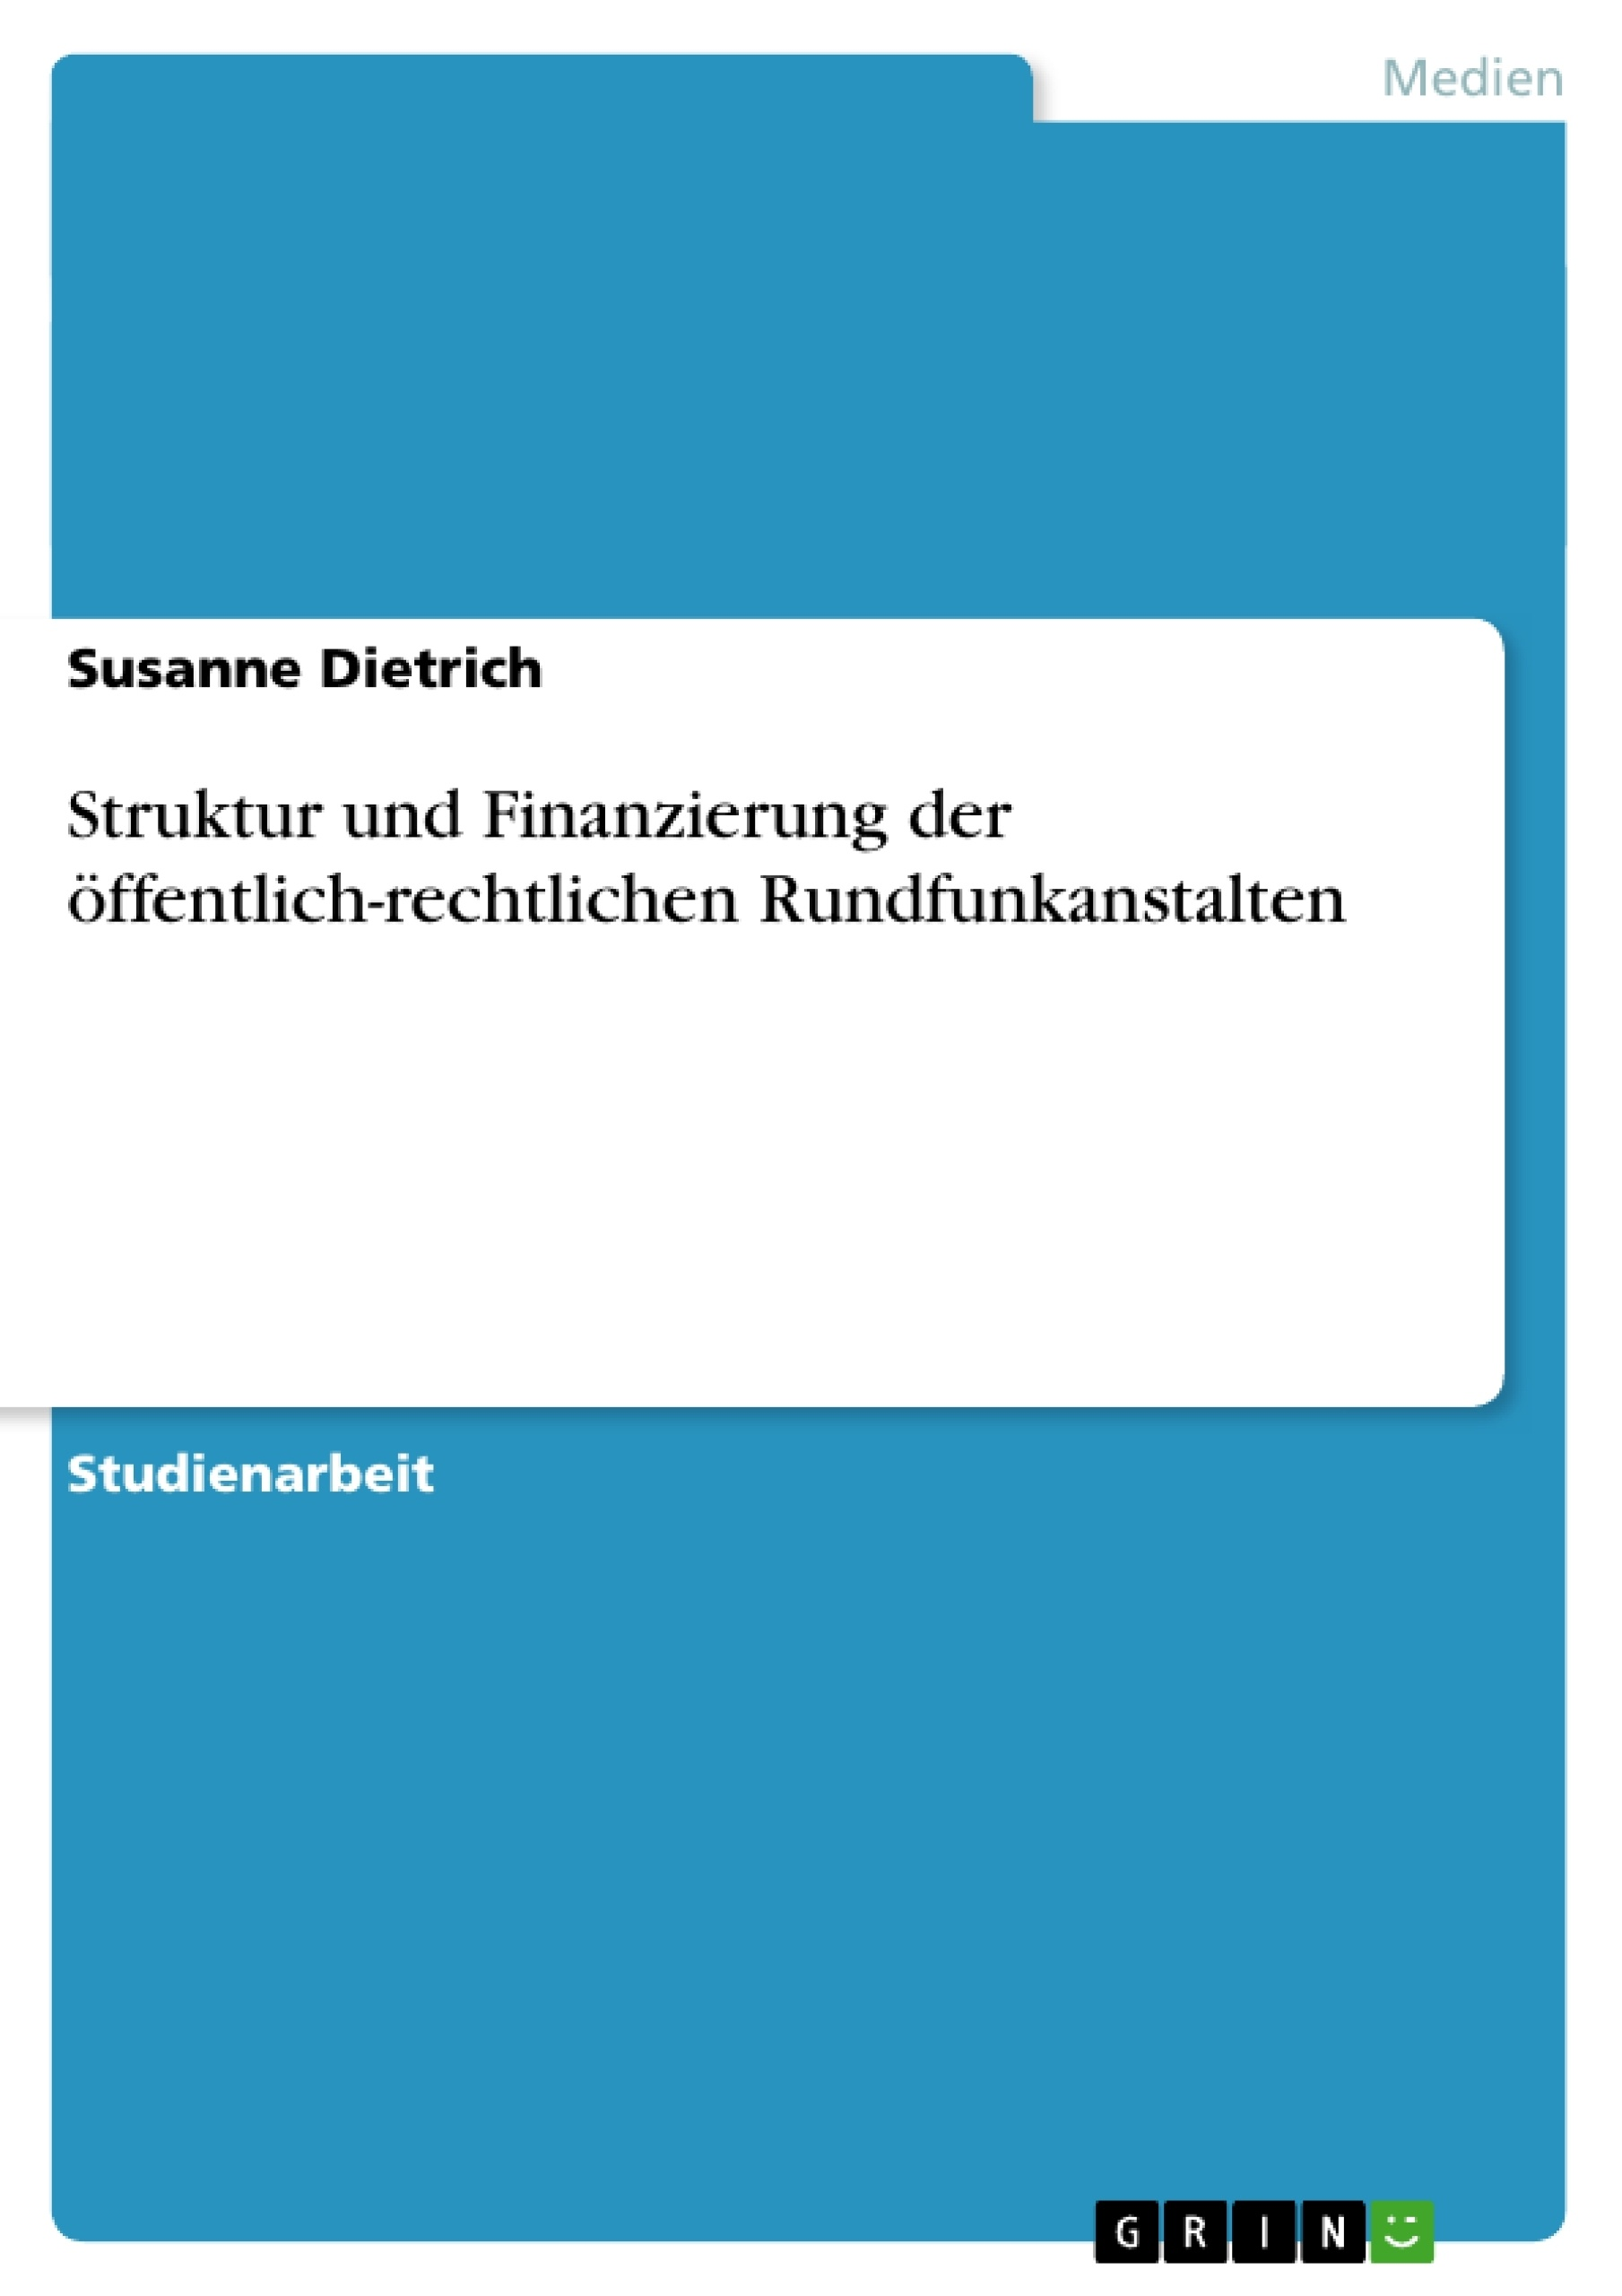 Titel: Struktur und Finanzierung der öffentlich-rechtlichen Rundfunkanstalten